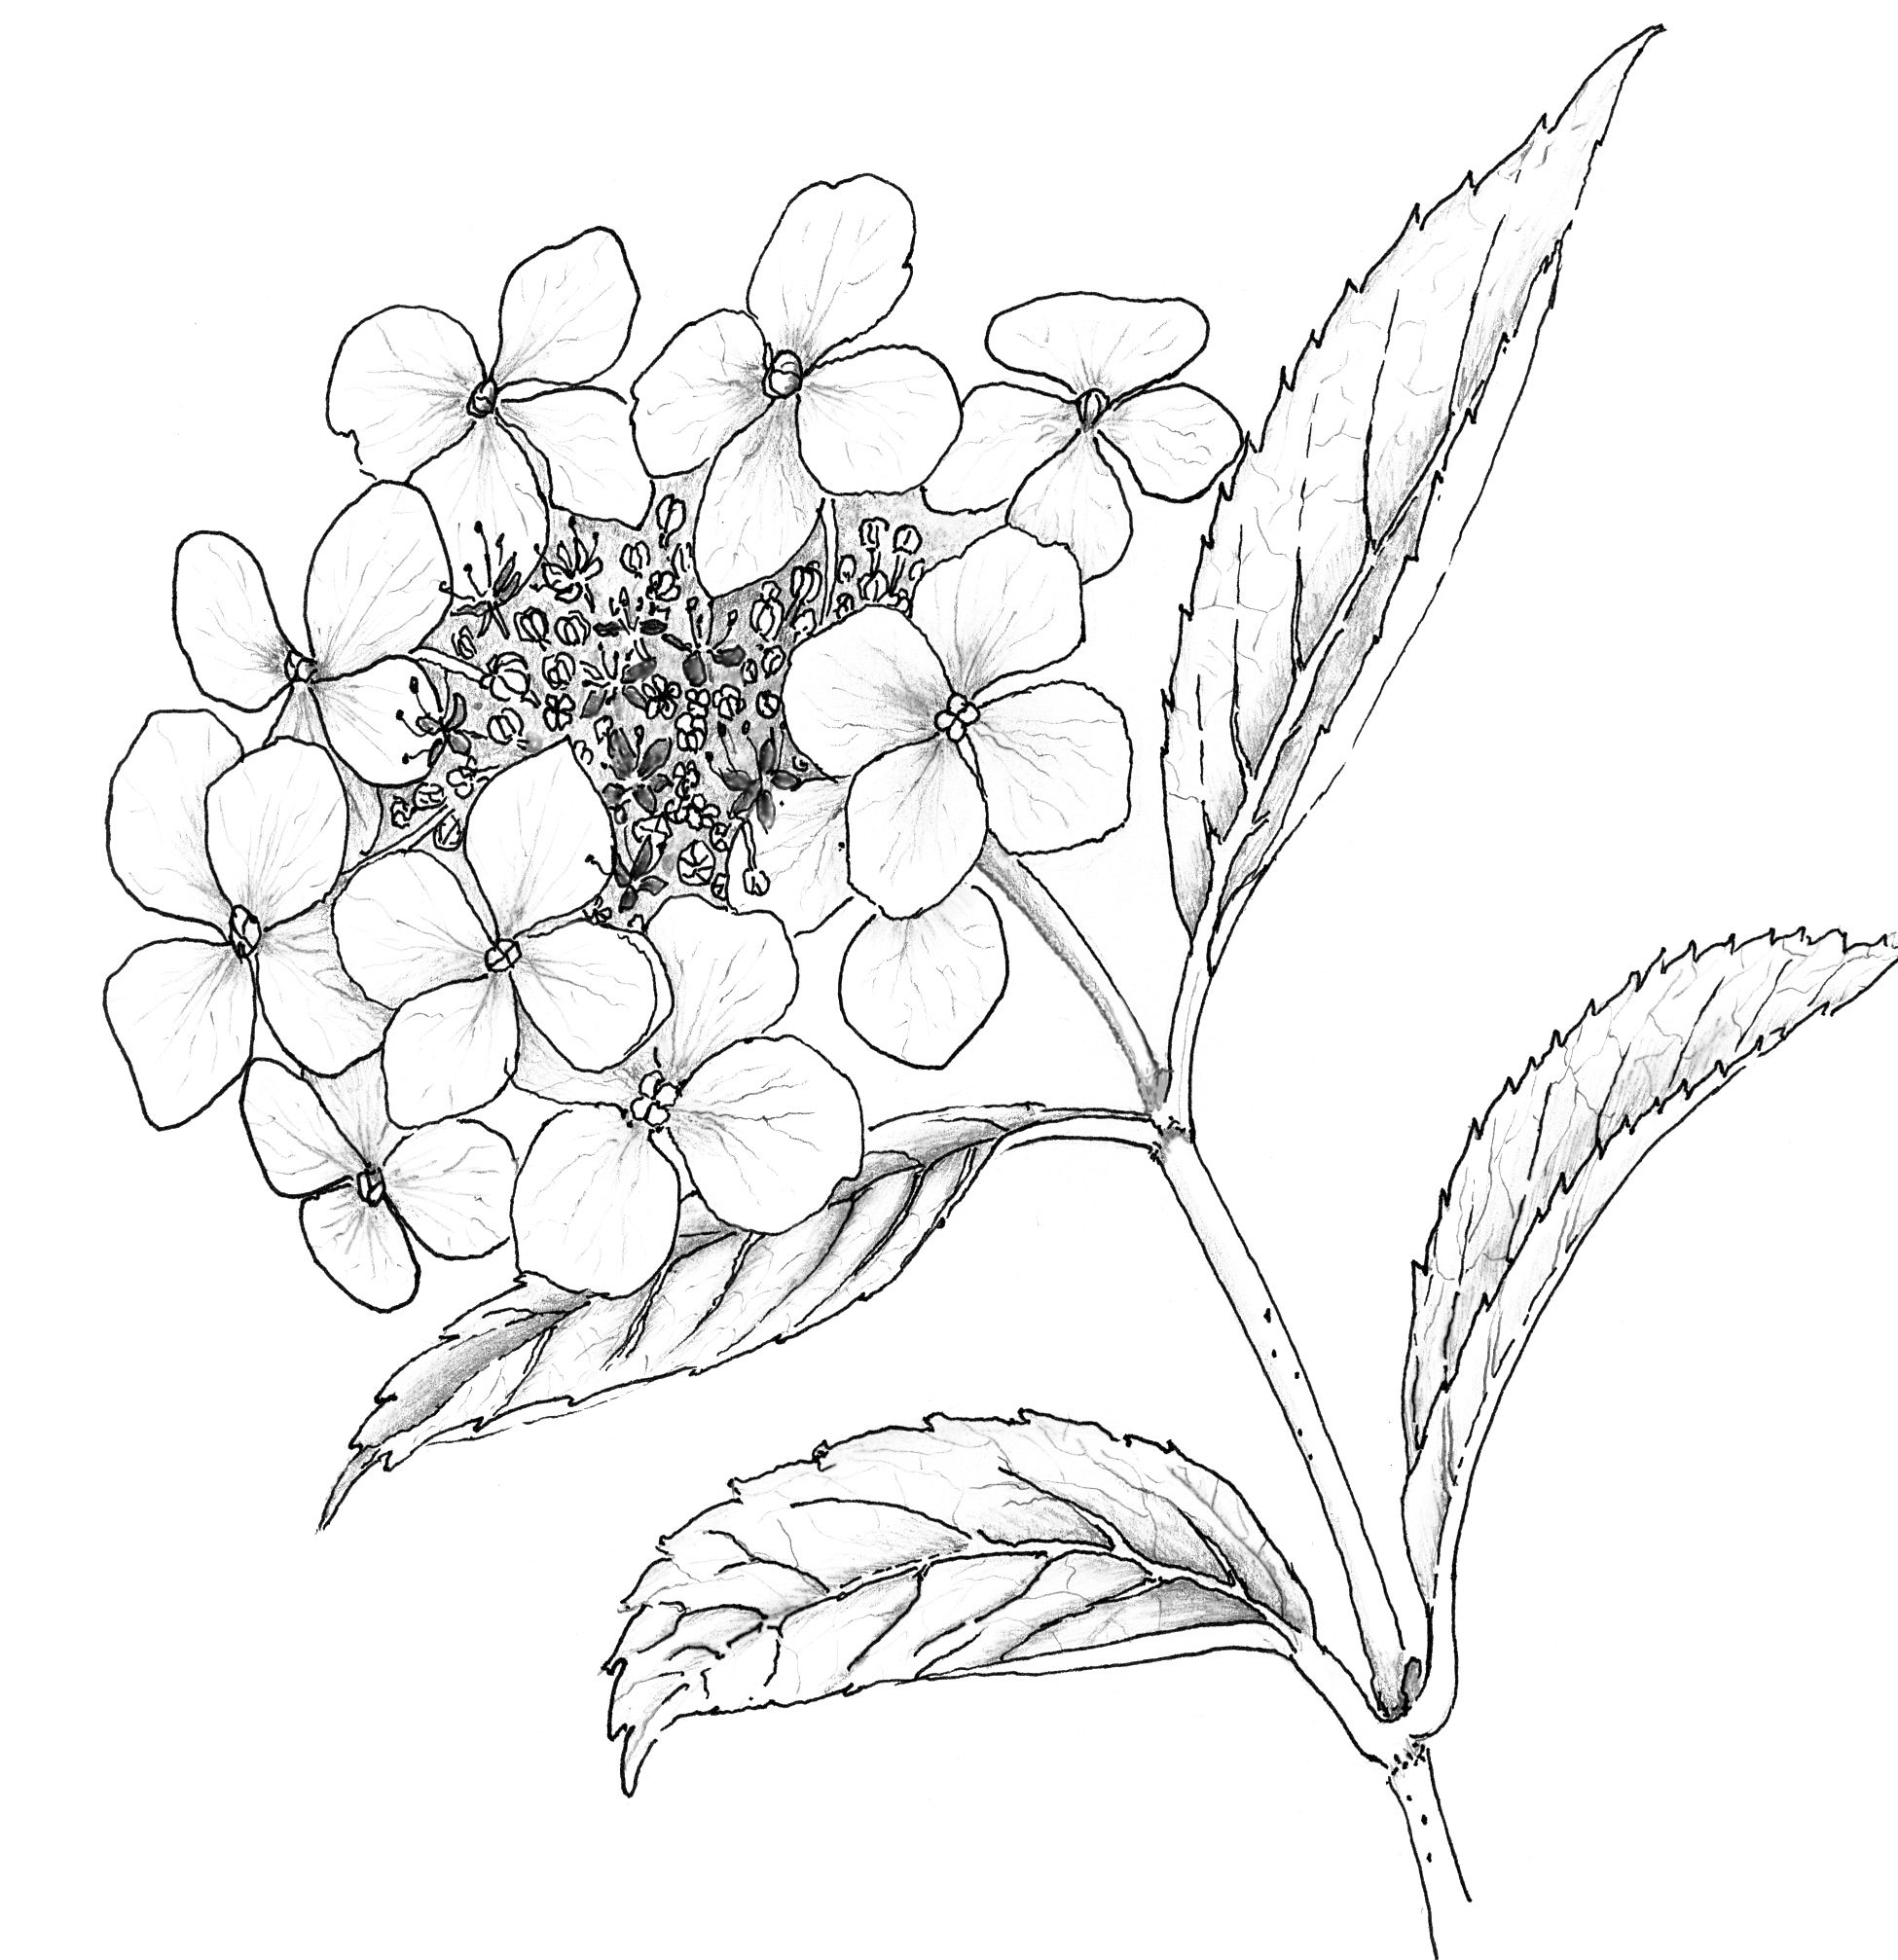 Flower Head Line Drawing : Hydrangea drawing liz reed copy